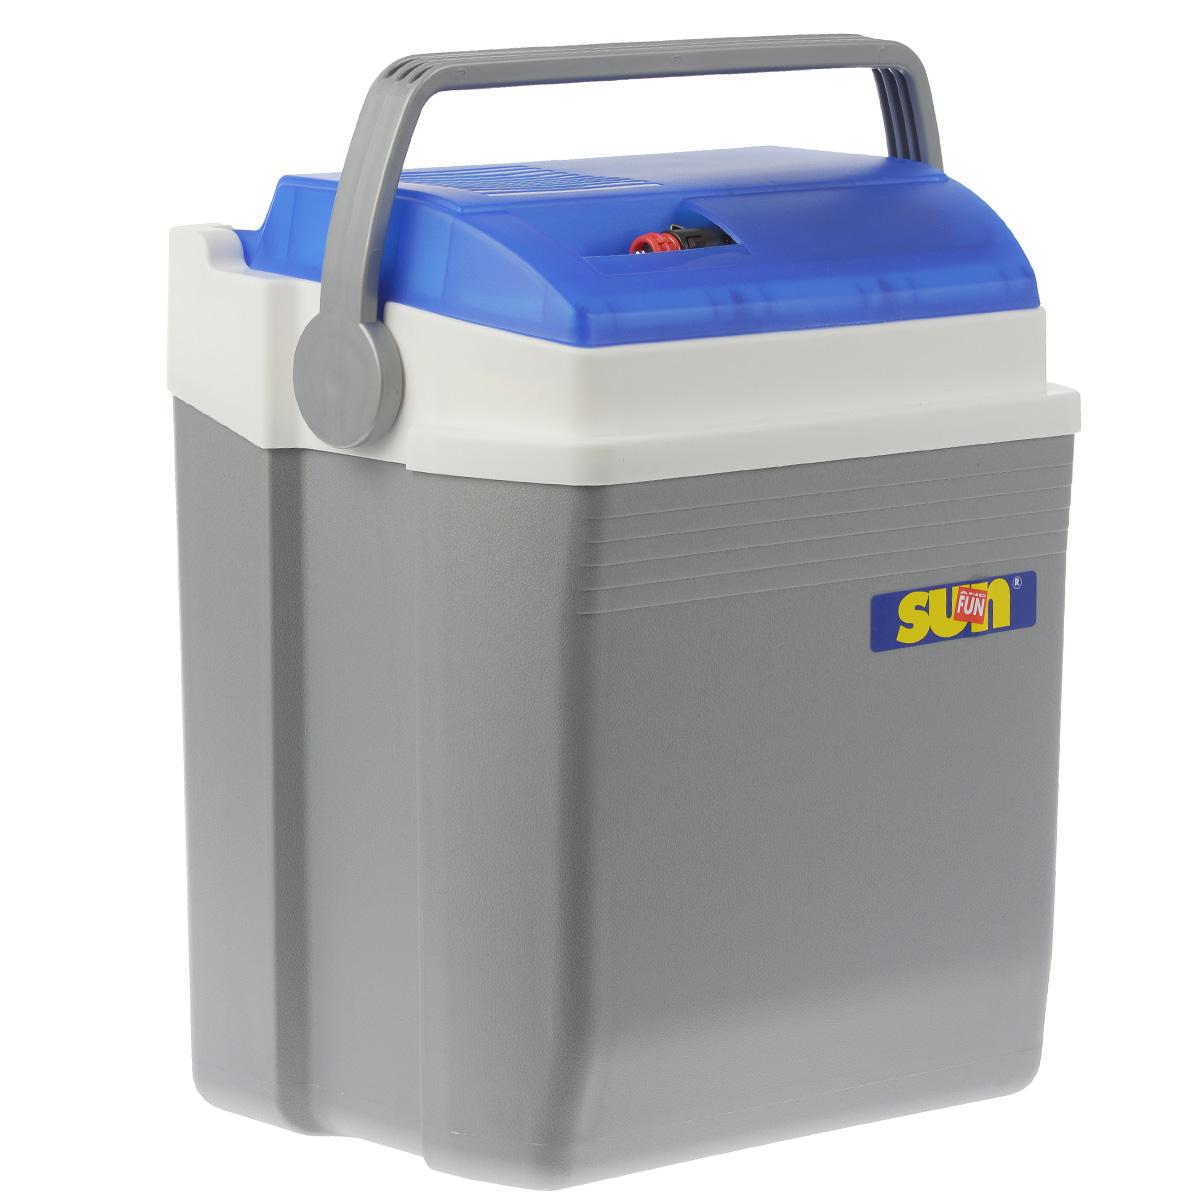 Автомобильный холодильник Ezetil E, цвет: голубой, серый, 21 л10775036Малогабаритный электрический холодильник Ezetil E предназначен для хранения и транспортировки предварительно охлажденных продуктов и напитков. Контейнер удобно использовать в салоне автомобиля в качестве портативного холодильника. Он легко поместится в любой машине! Особенности автомобильного холодильника Ezetil E: - Выполнен из прочного пластика высокого качества; - Работает от бортовой сети автомобиля 12В или от сети переменного тока 220В; - Внутри контейнера имеется вместительный отсек для хранения продуктов и напитков; - Подходит для хранения 1,5-литровых бутылок в вертикальном положении; - Крышка холодильника открывается одной рукой; - Встроенный вентилятор, изоляция из пеноматериала и отсек для хранения шнура питания от сети и штекера прикуривателя (12В) вмонтирован в крышку; - Дополнительный внутренний вентилятор в холодильной камере обеспечивает быстрое и равномерное охлаждение; - Мощная, не нуждающаяся в...